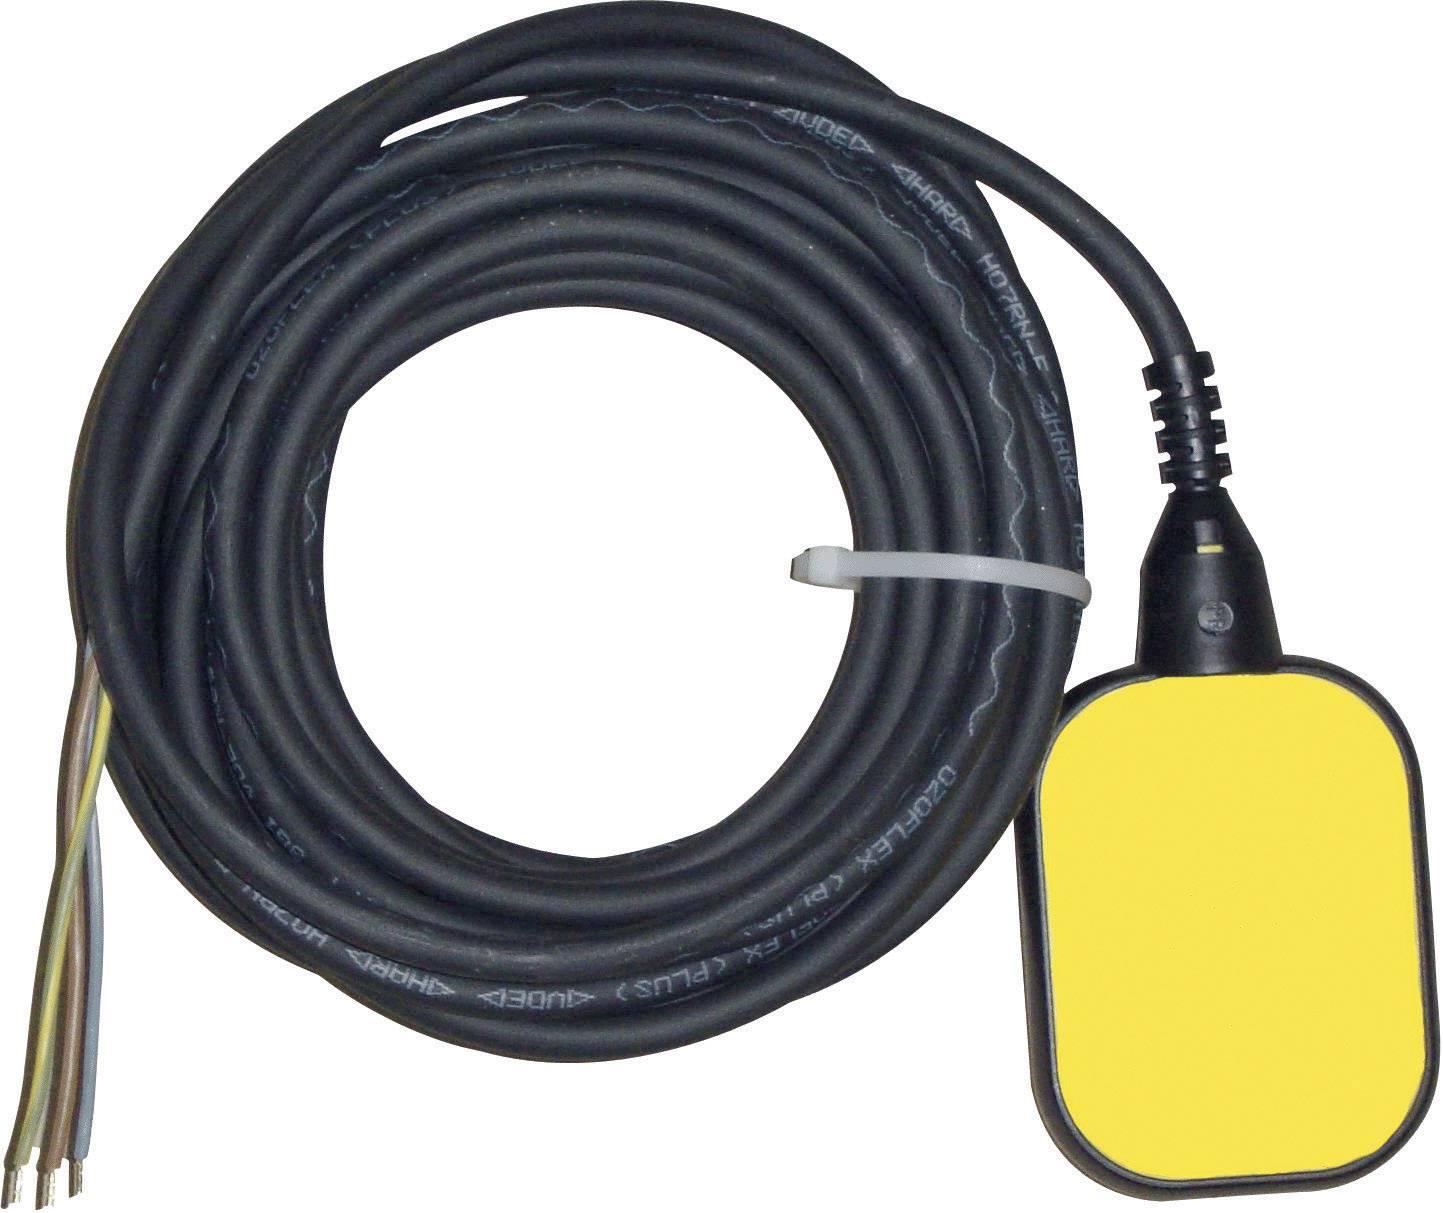 Plavákový spínač pre napúšťanie Zehnder Pumpen 14514, 2 m, žltý